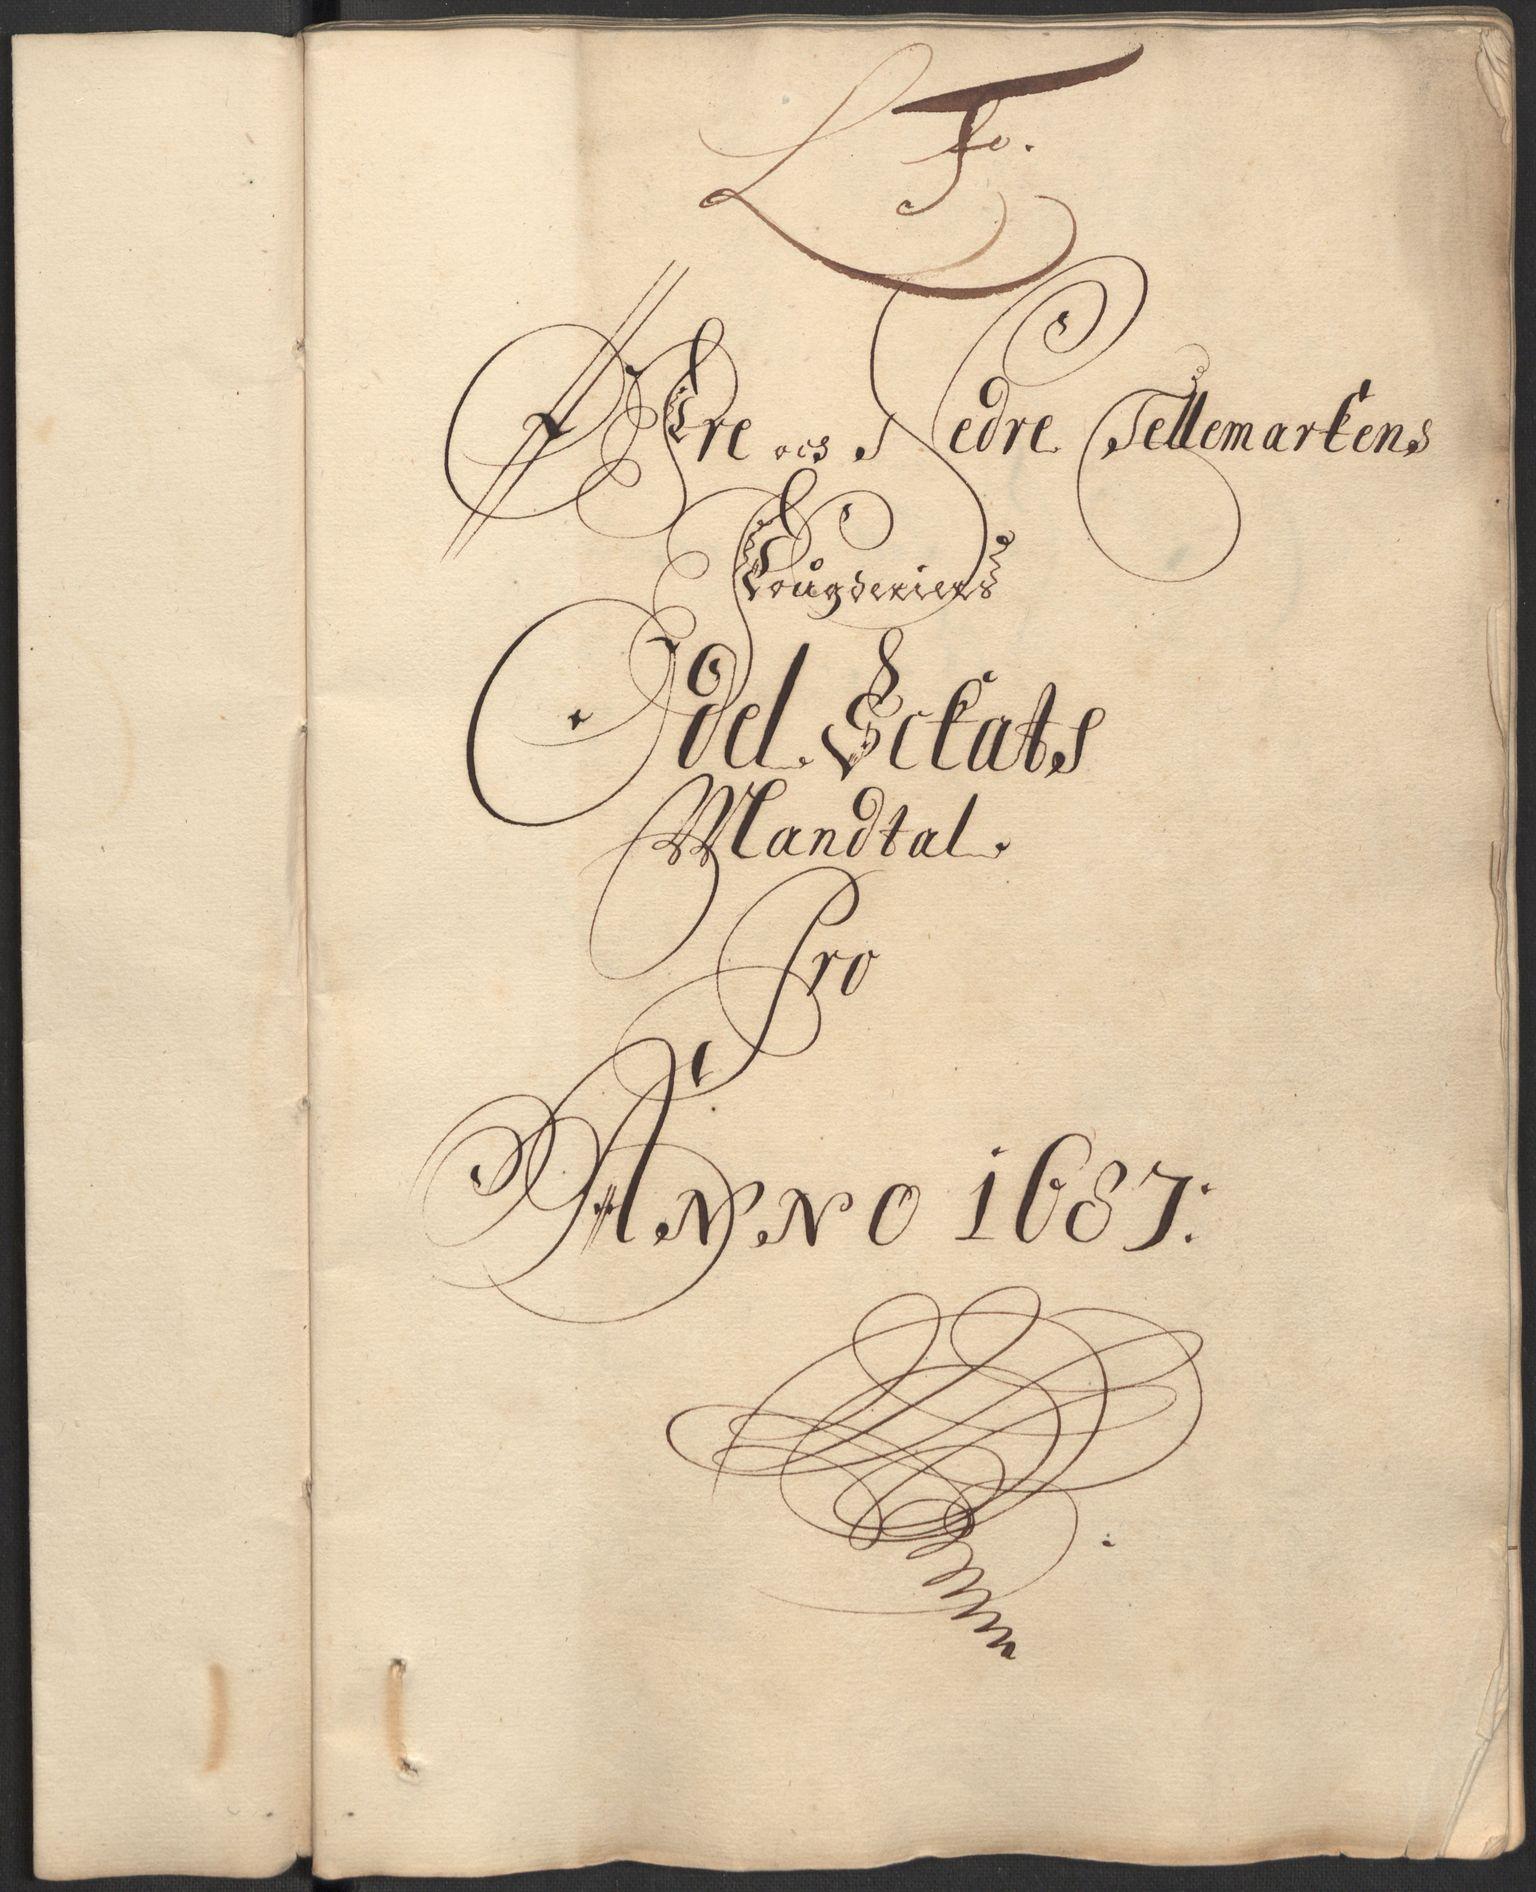 RA, Rentekammeret inntil 1814, Reviderte regnskaper, Fogderegnskap, R35/L2086: Fogderegnskap Øvre og Nedre Telemark, 1687-1689, s. 58